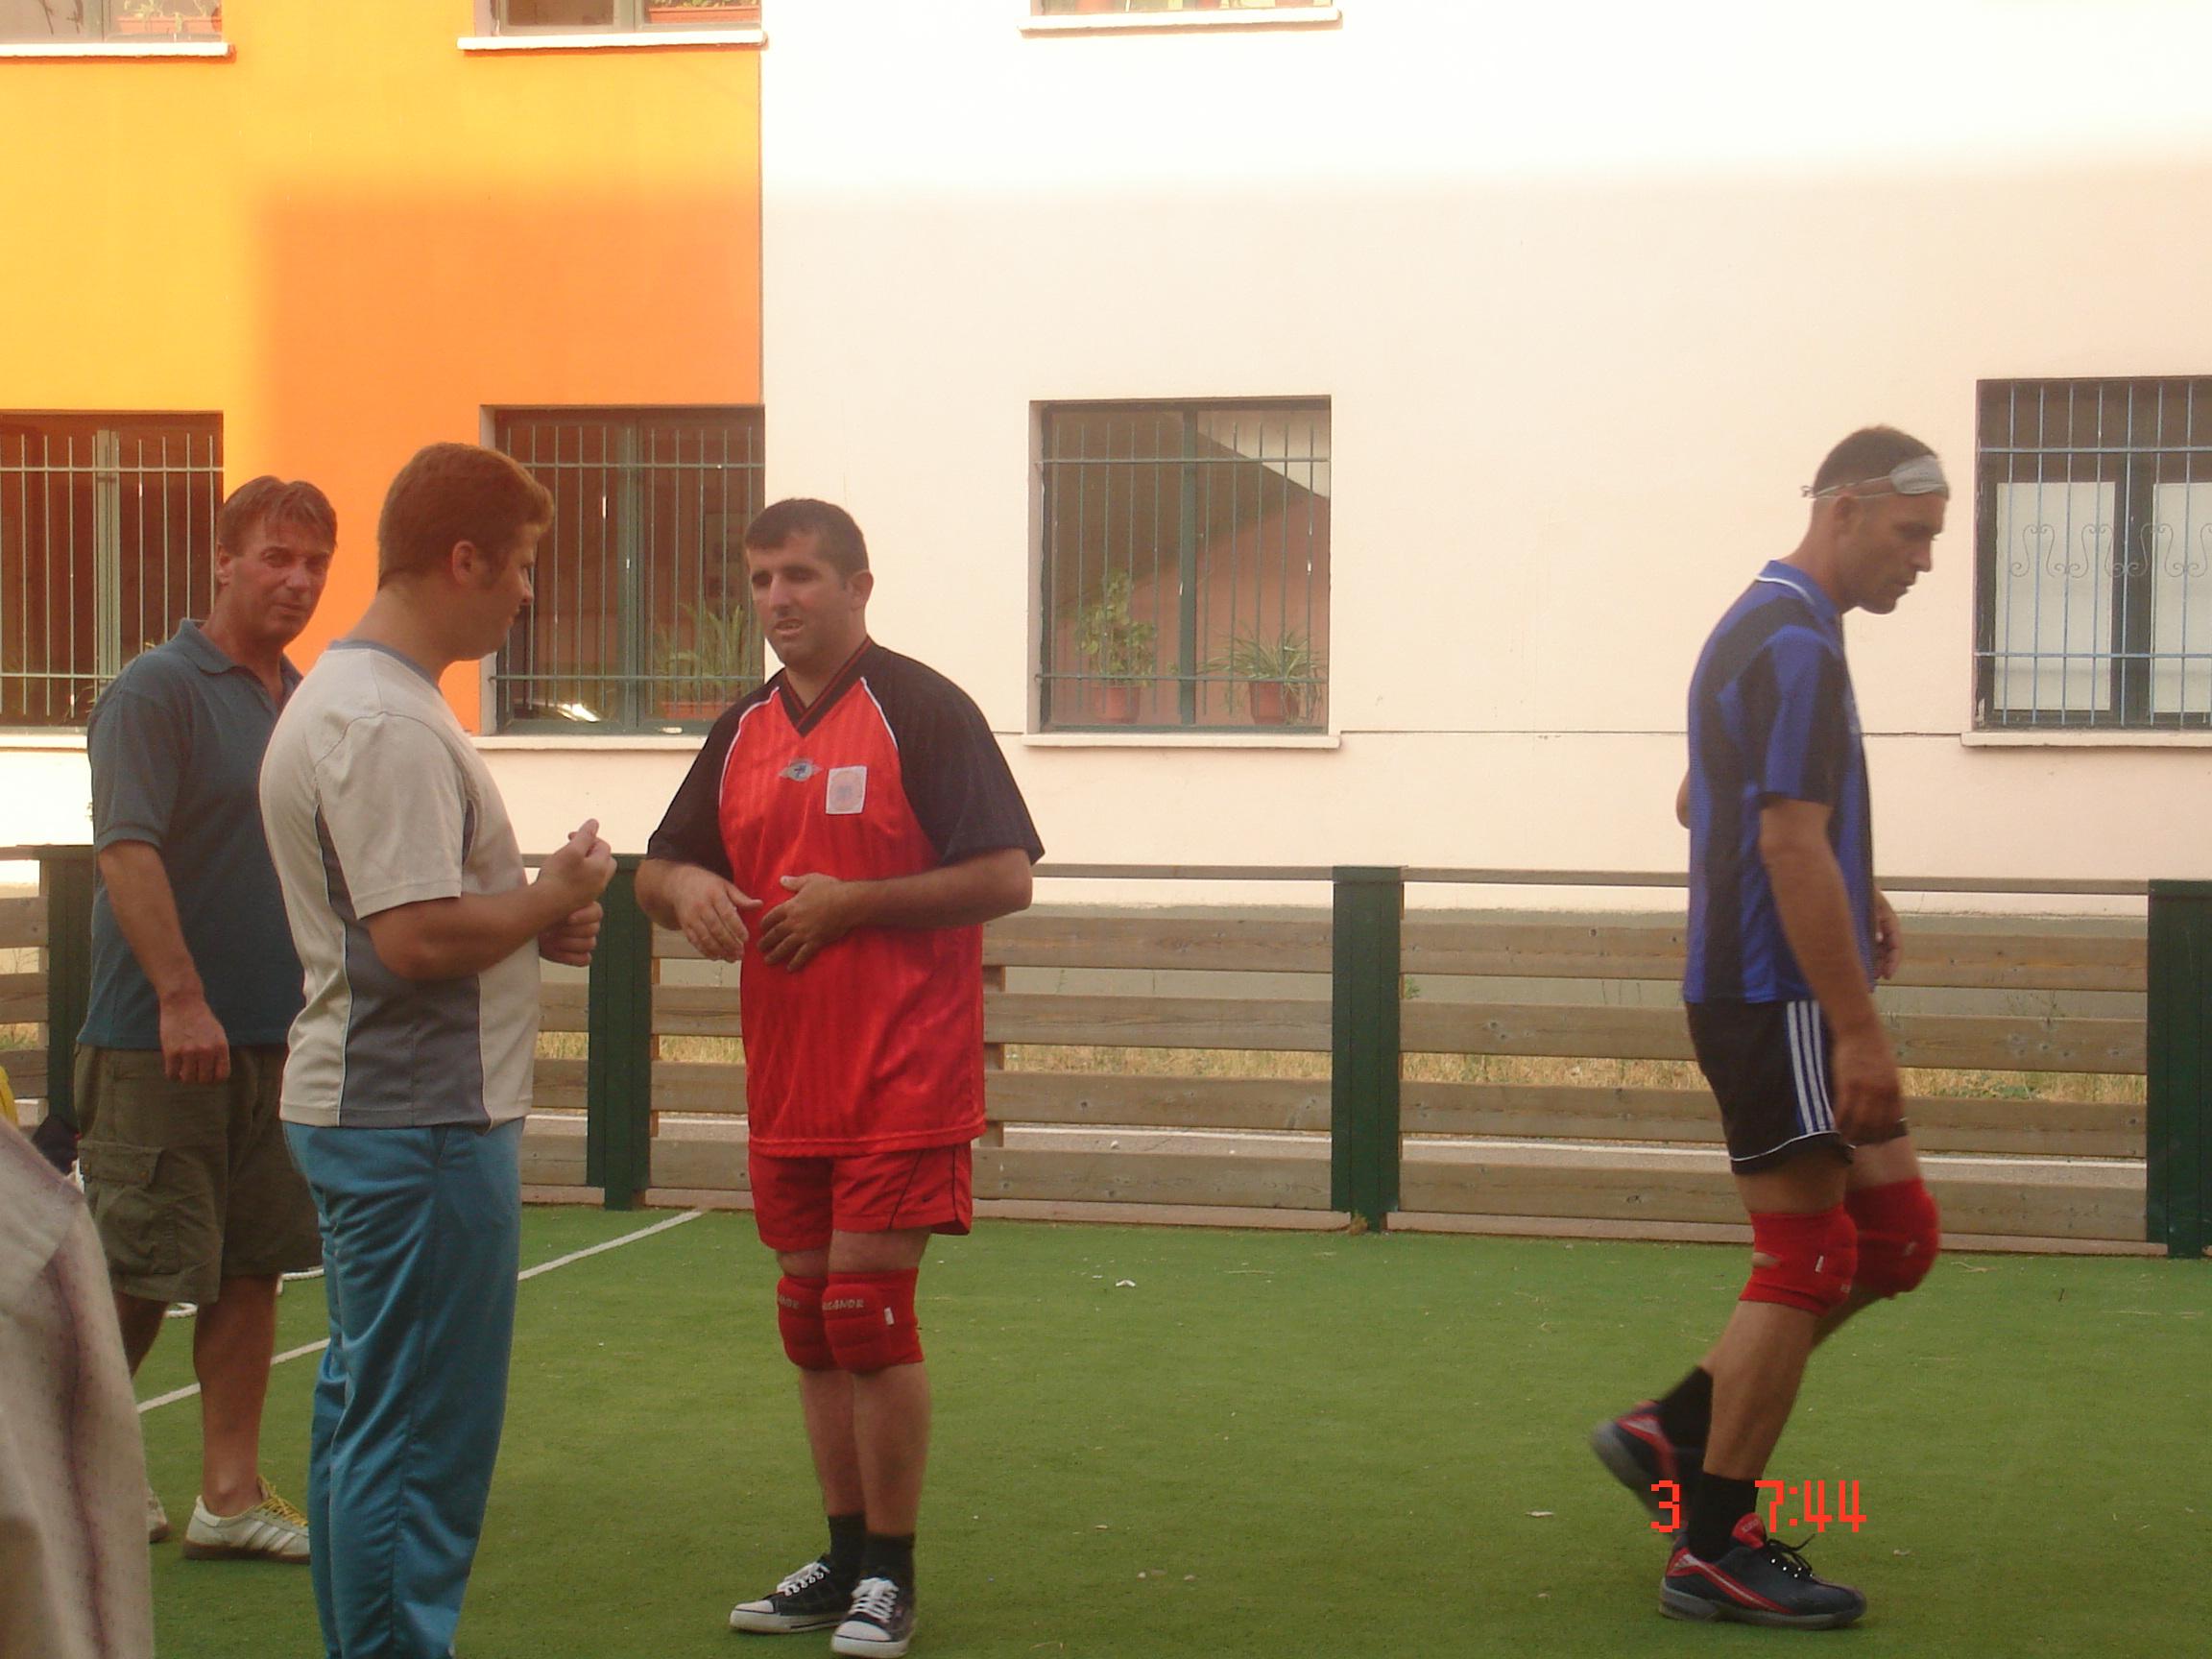 FOTO 5 nga trajnimi